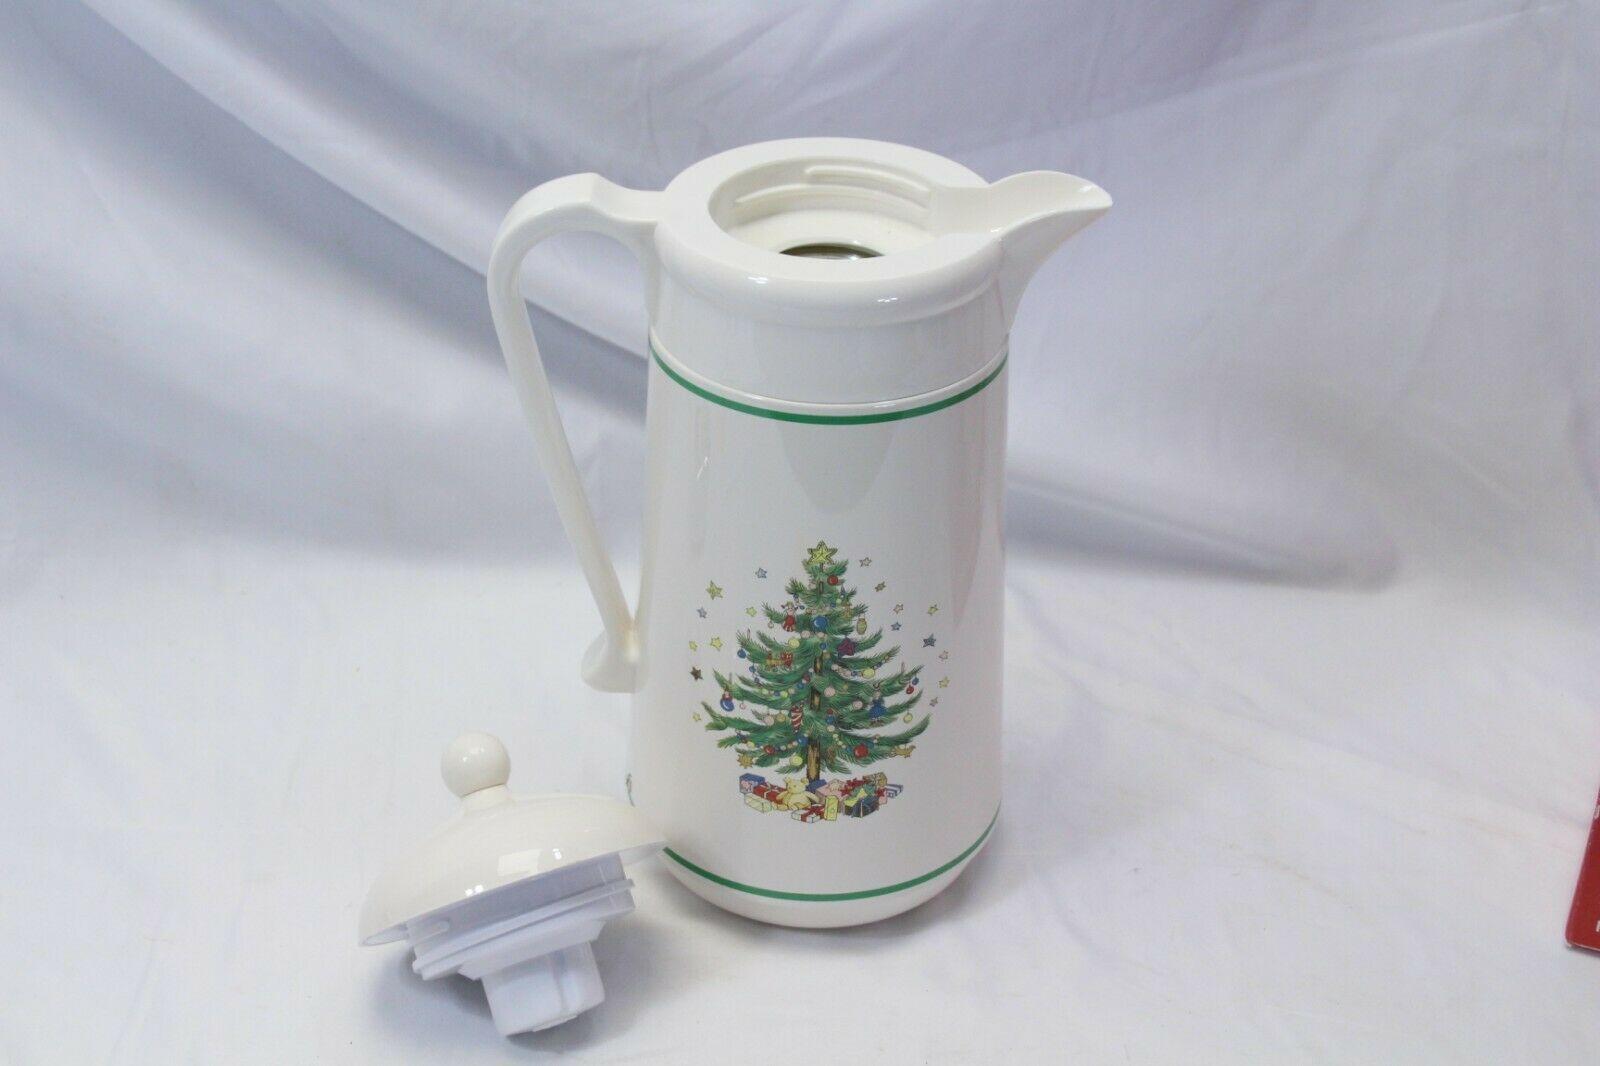 Nikko Christmas Carafe One Liter Thermal  image 6